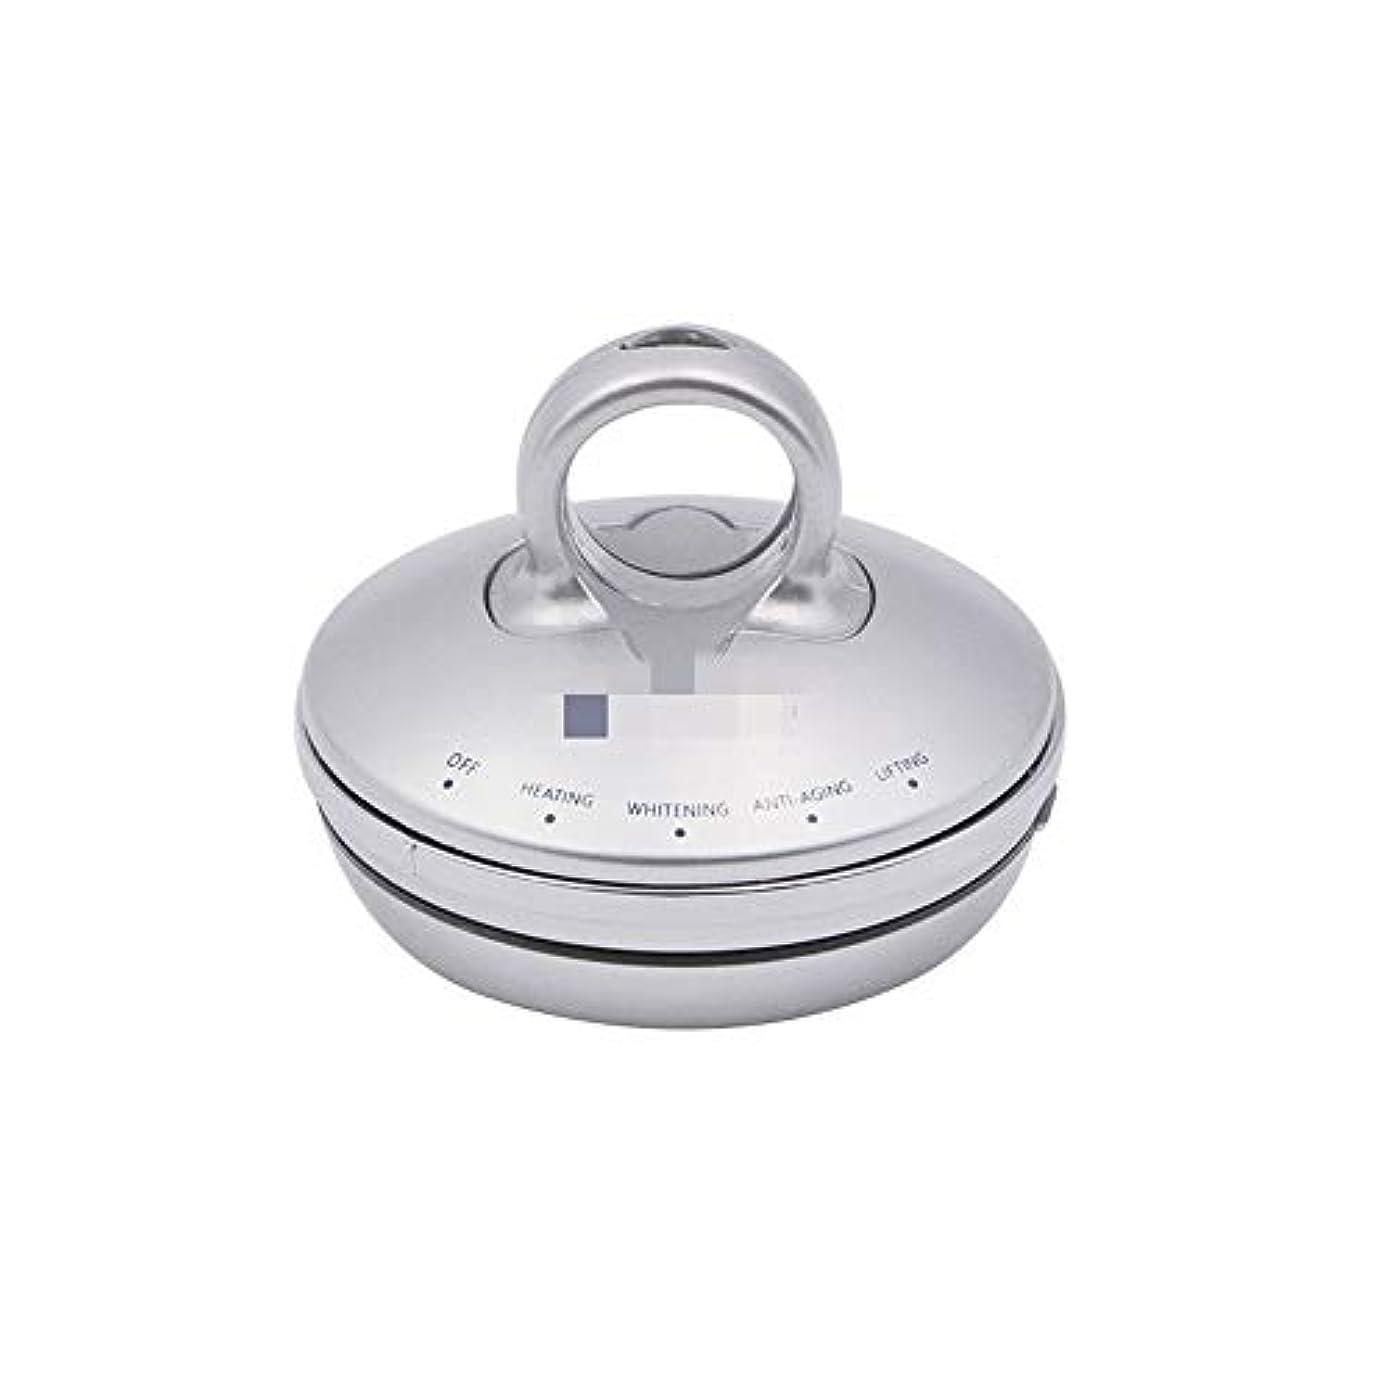 今後トースト成長Chaopeng イオン導入フェイシャルビューティー機器家庭用電気クレンジング器具フェイシャルケアマッサージ